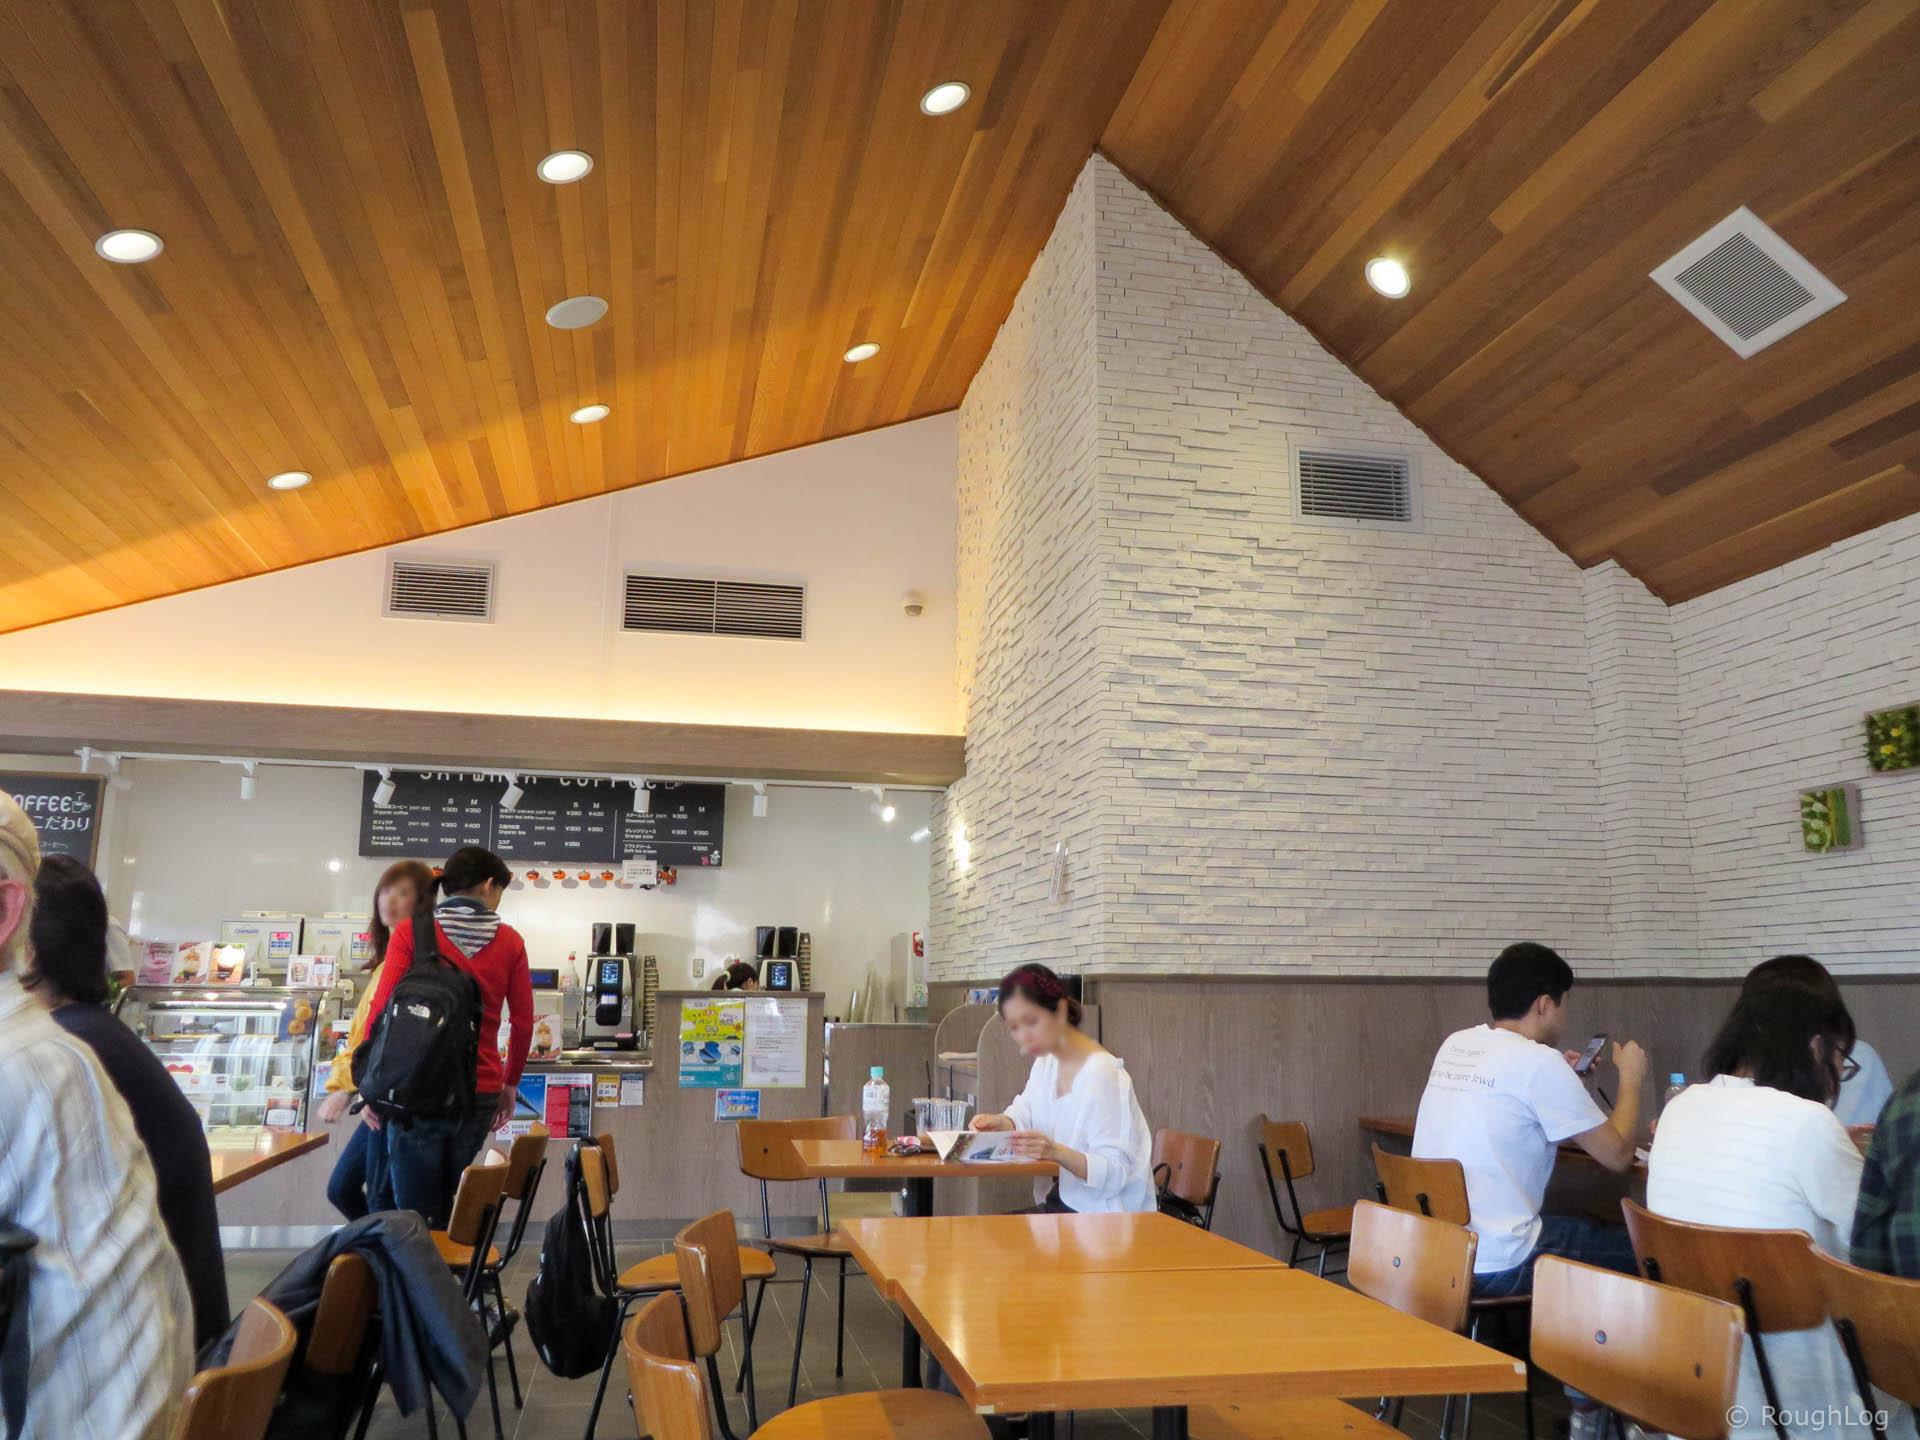 三島スカイウォーク スカイウォークコーヒー店内